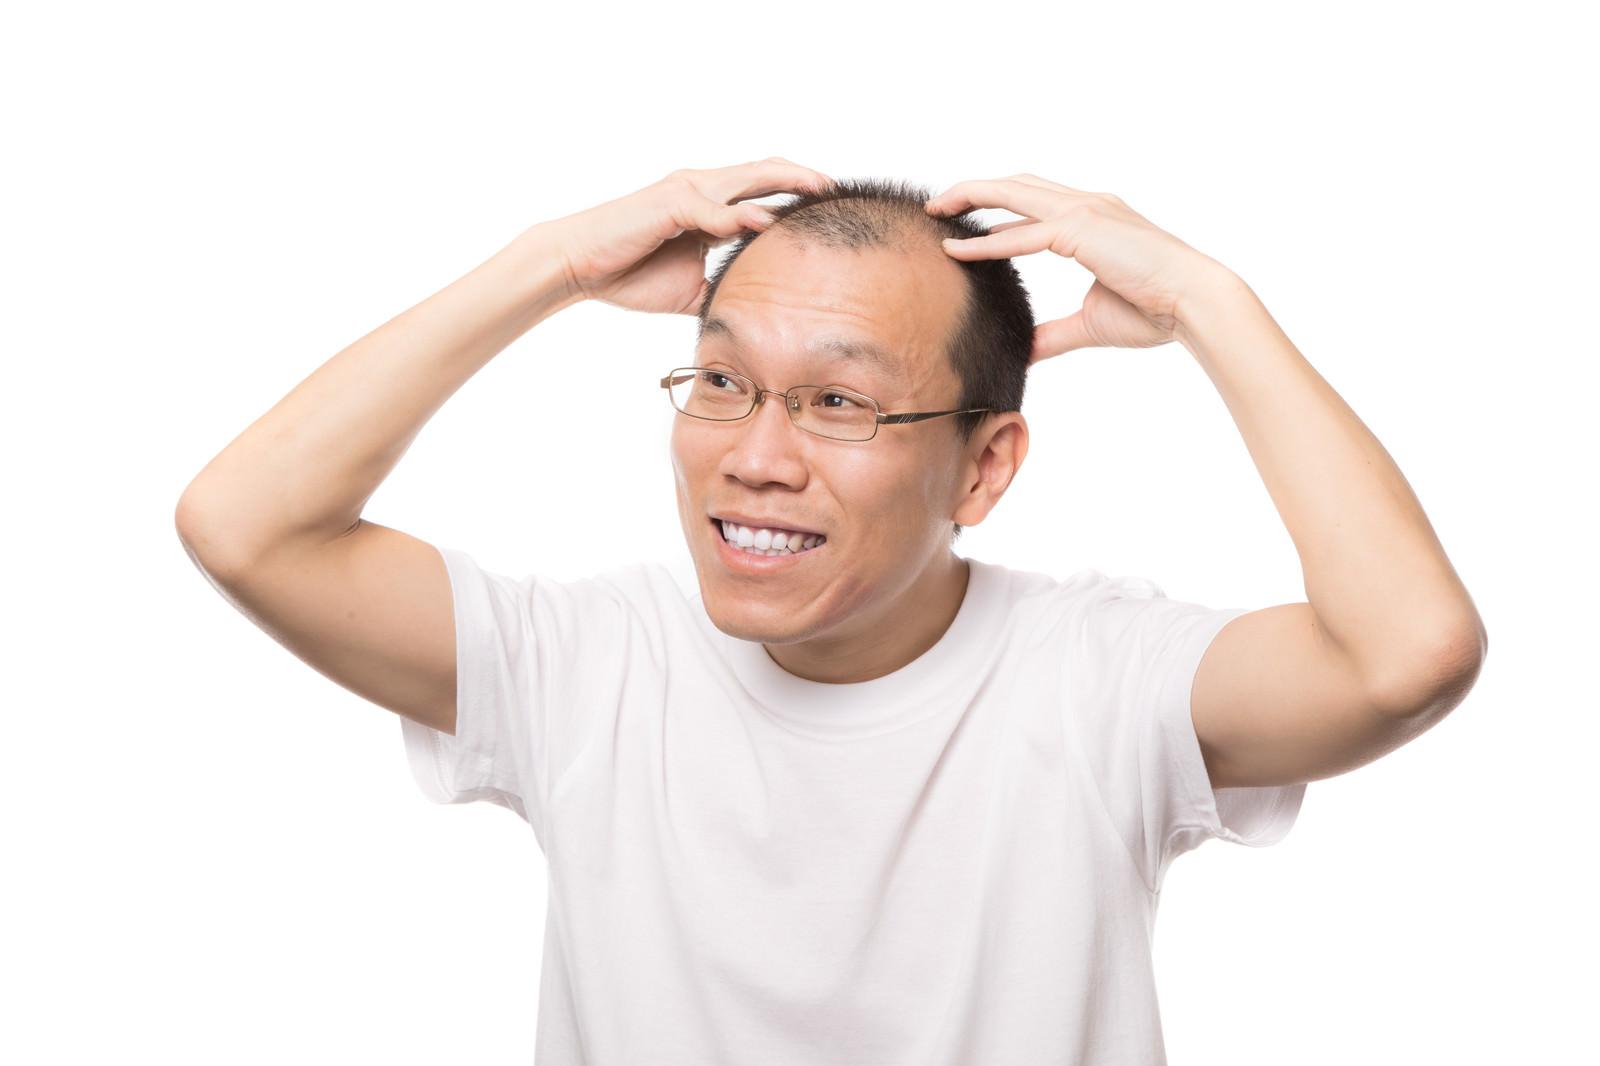 「笑顔で頭皮マッサージする男性」の写真[モデル:サンライズ鈴木]